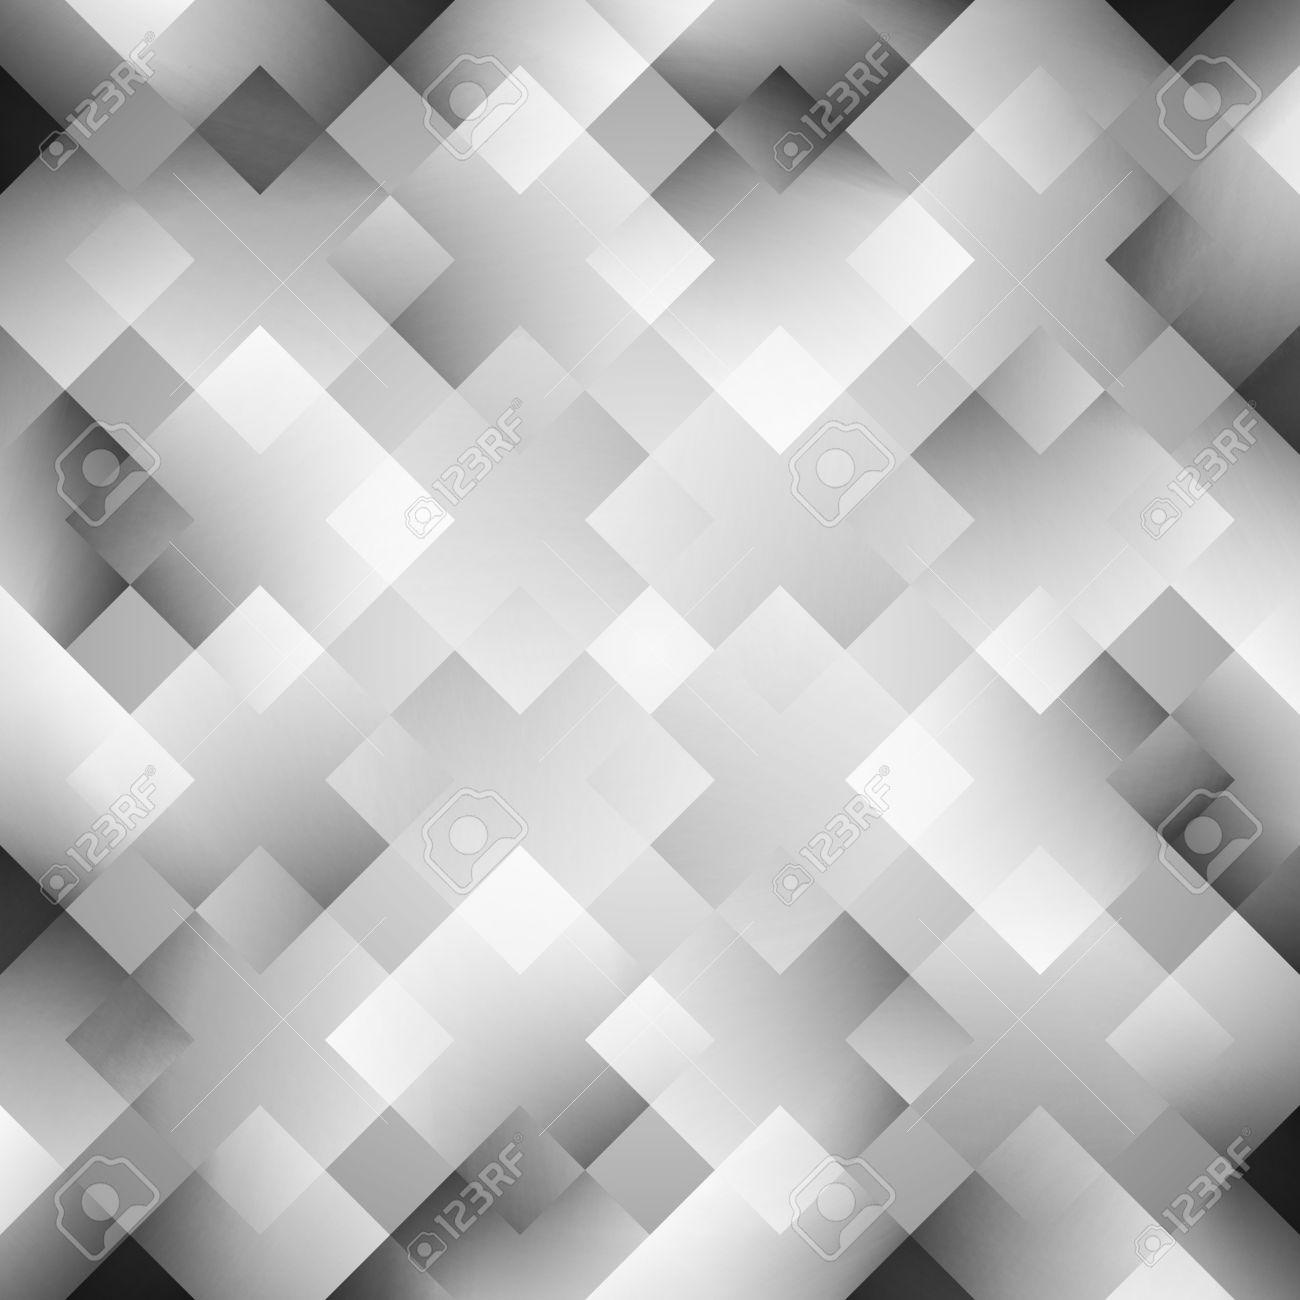 Abstract Wallpaper Vektor Illustration Für Die Moderne Business